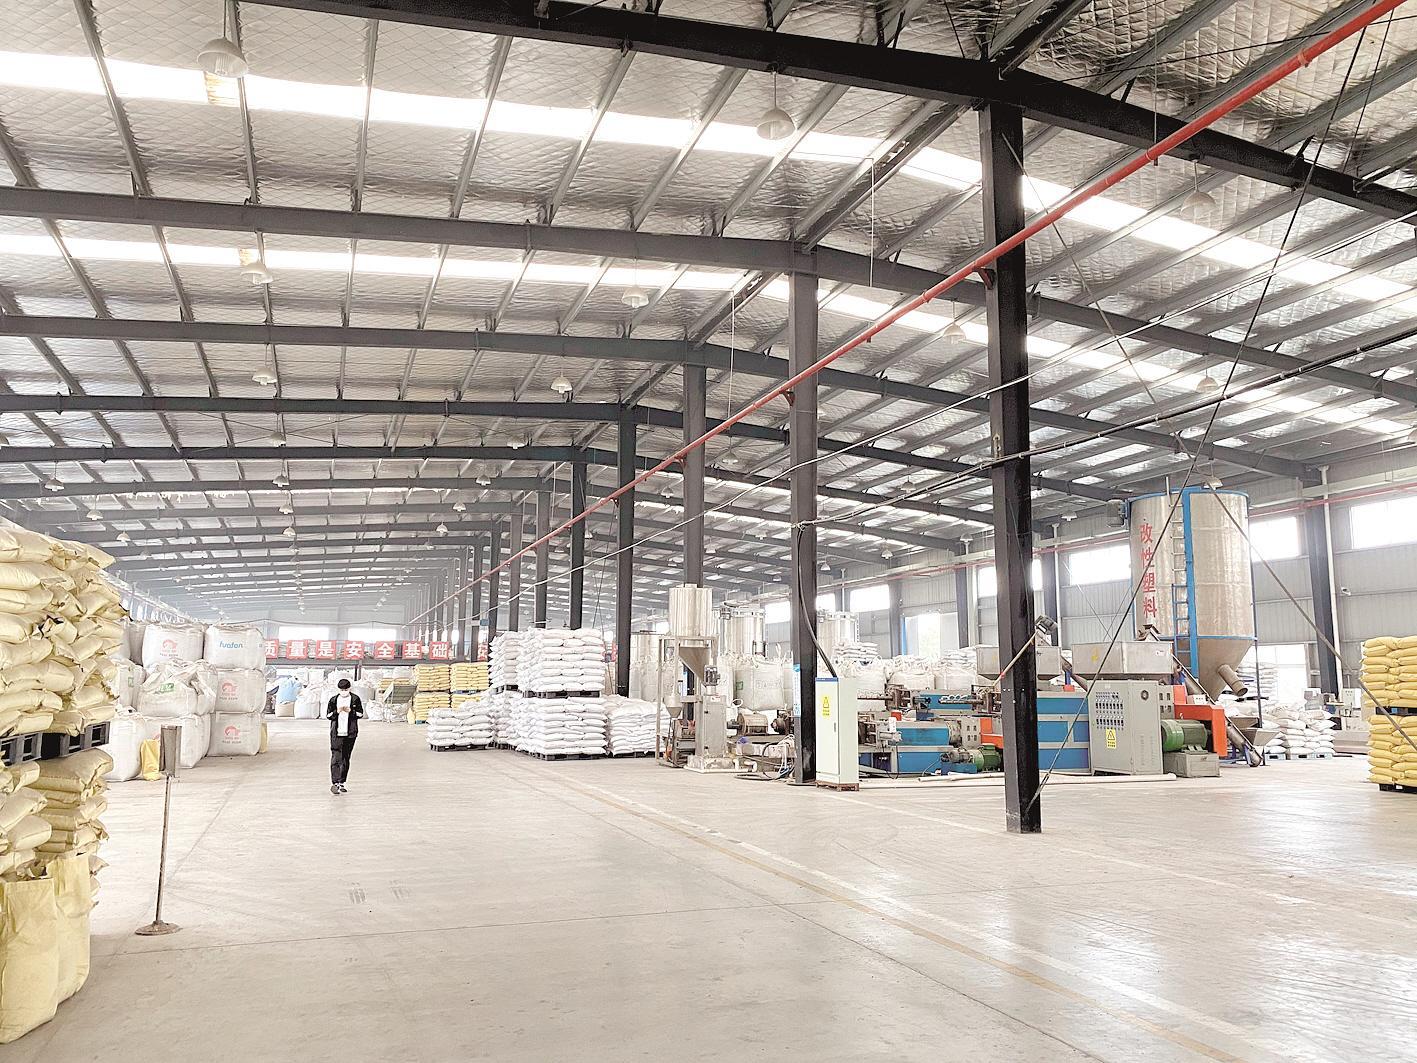 湖北供销再生资源回收华中工业园废塑料回收生产线。(湖北日报全媒记者 刘天纵 摄)